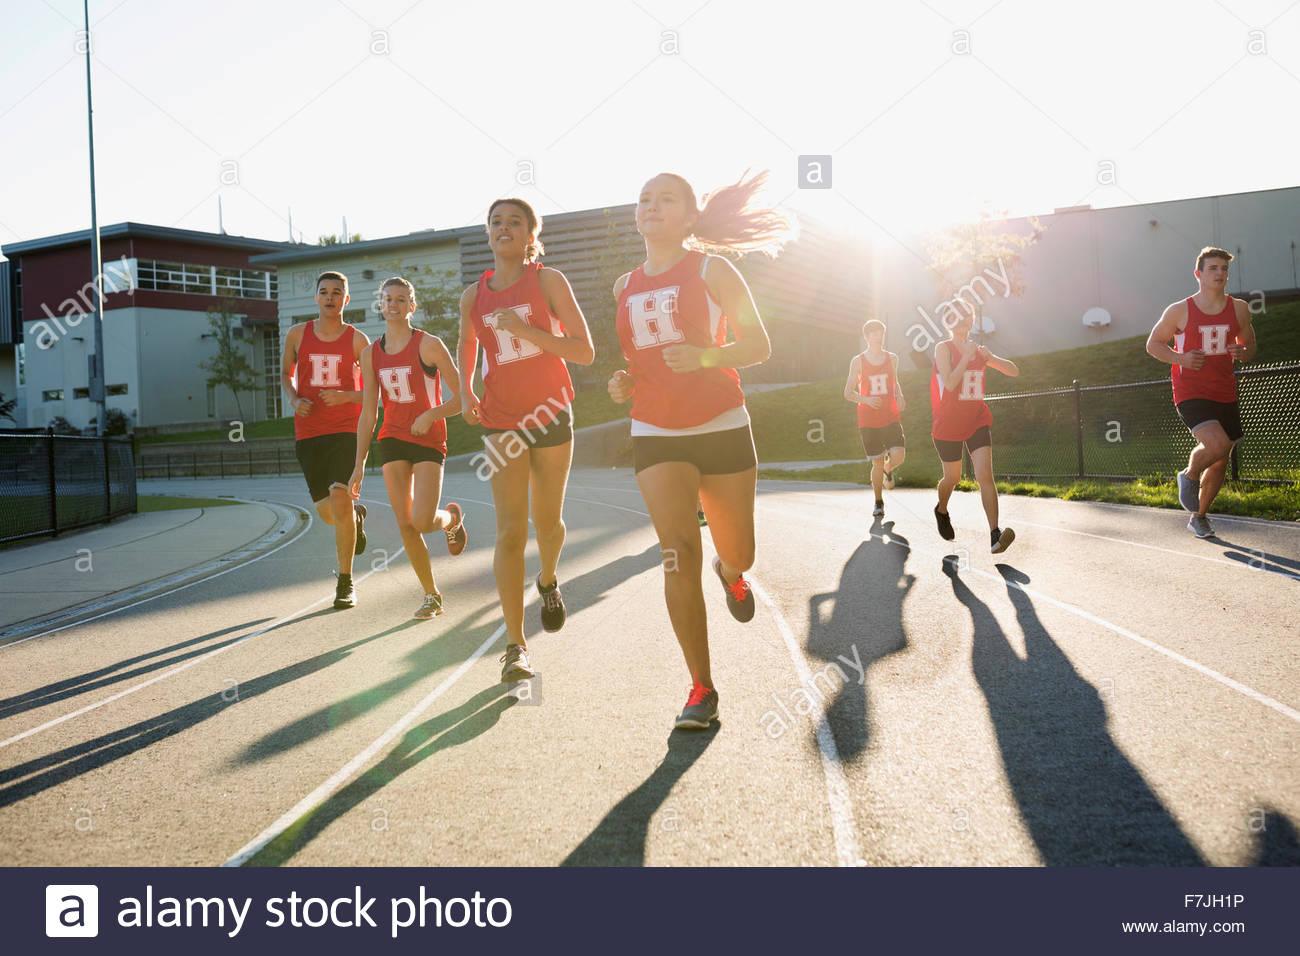 Diplôme d'athlètes d'une piste de course Photo Stock